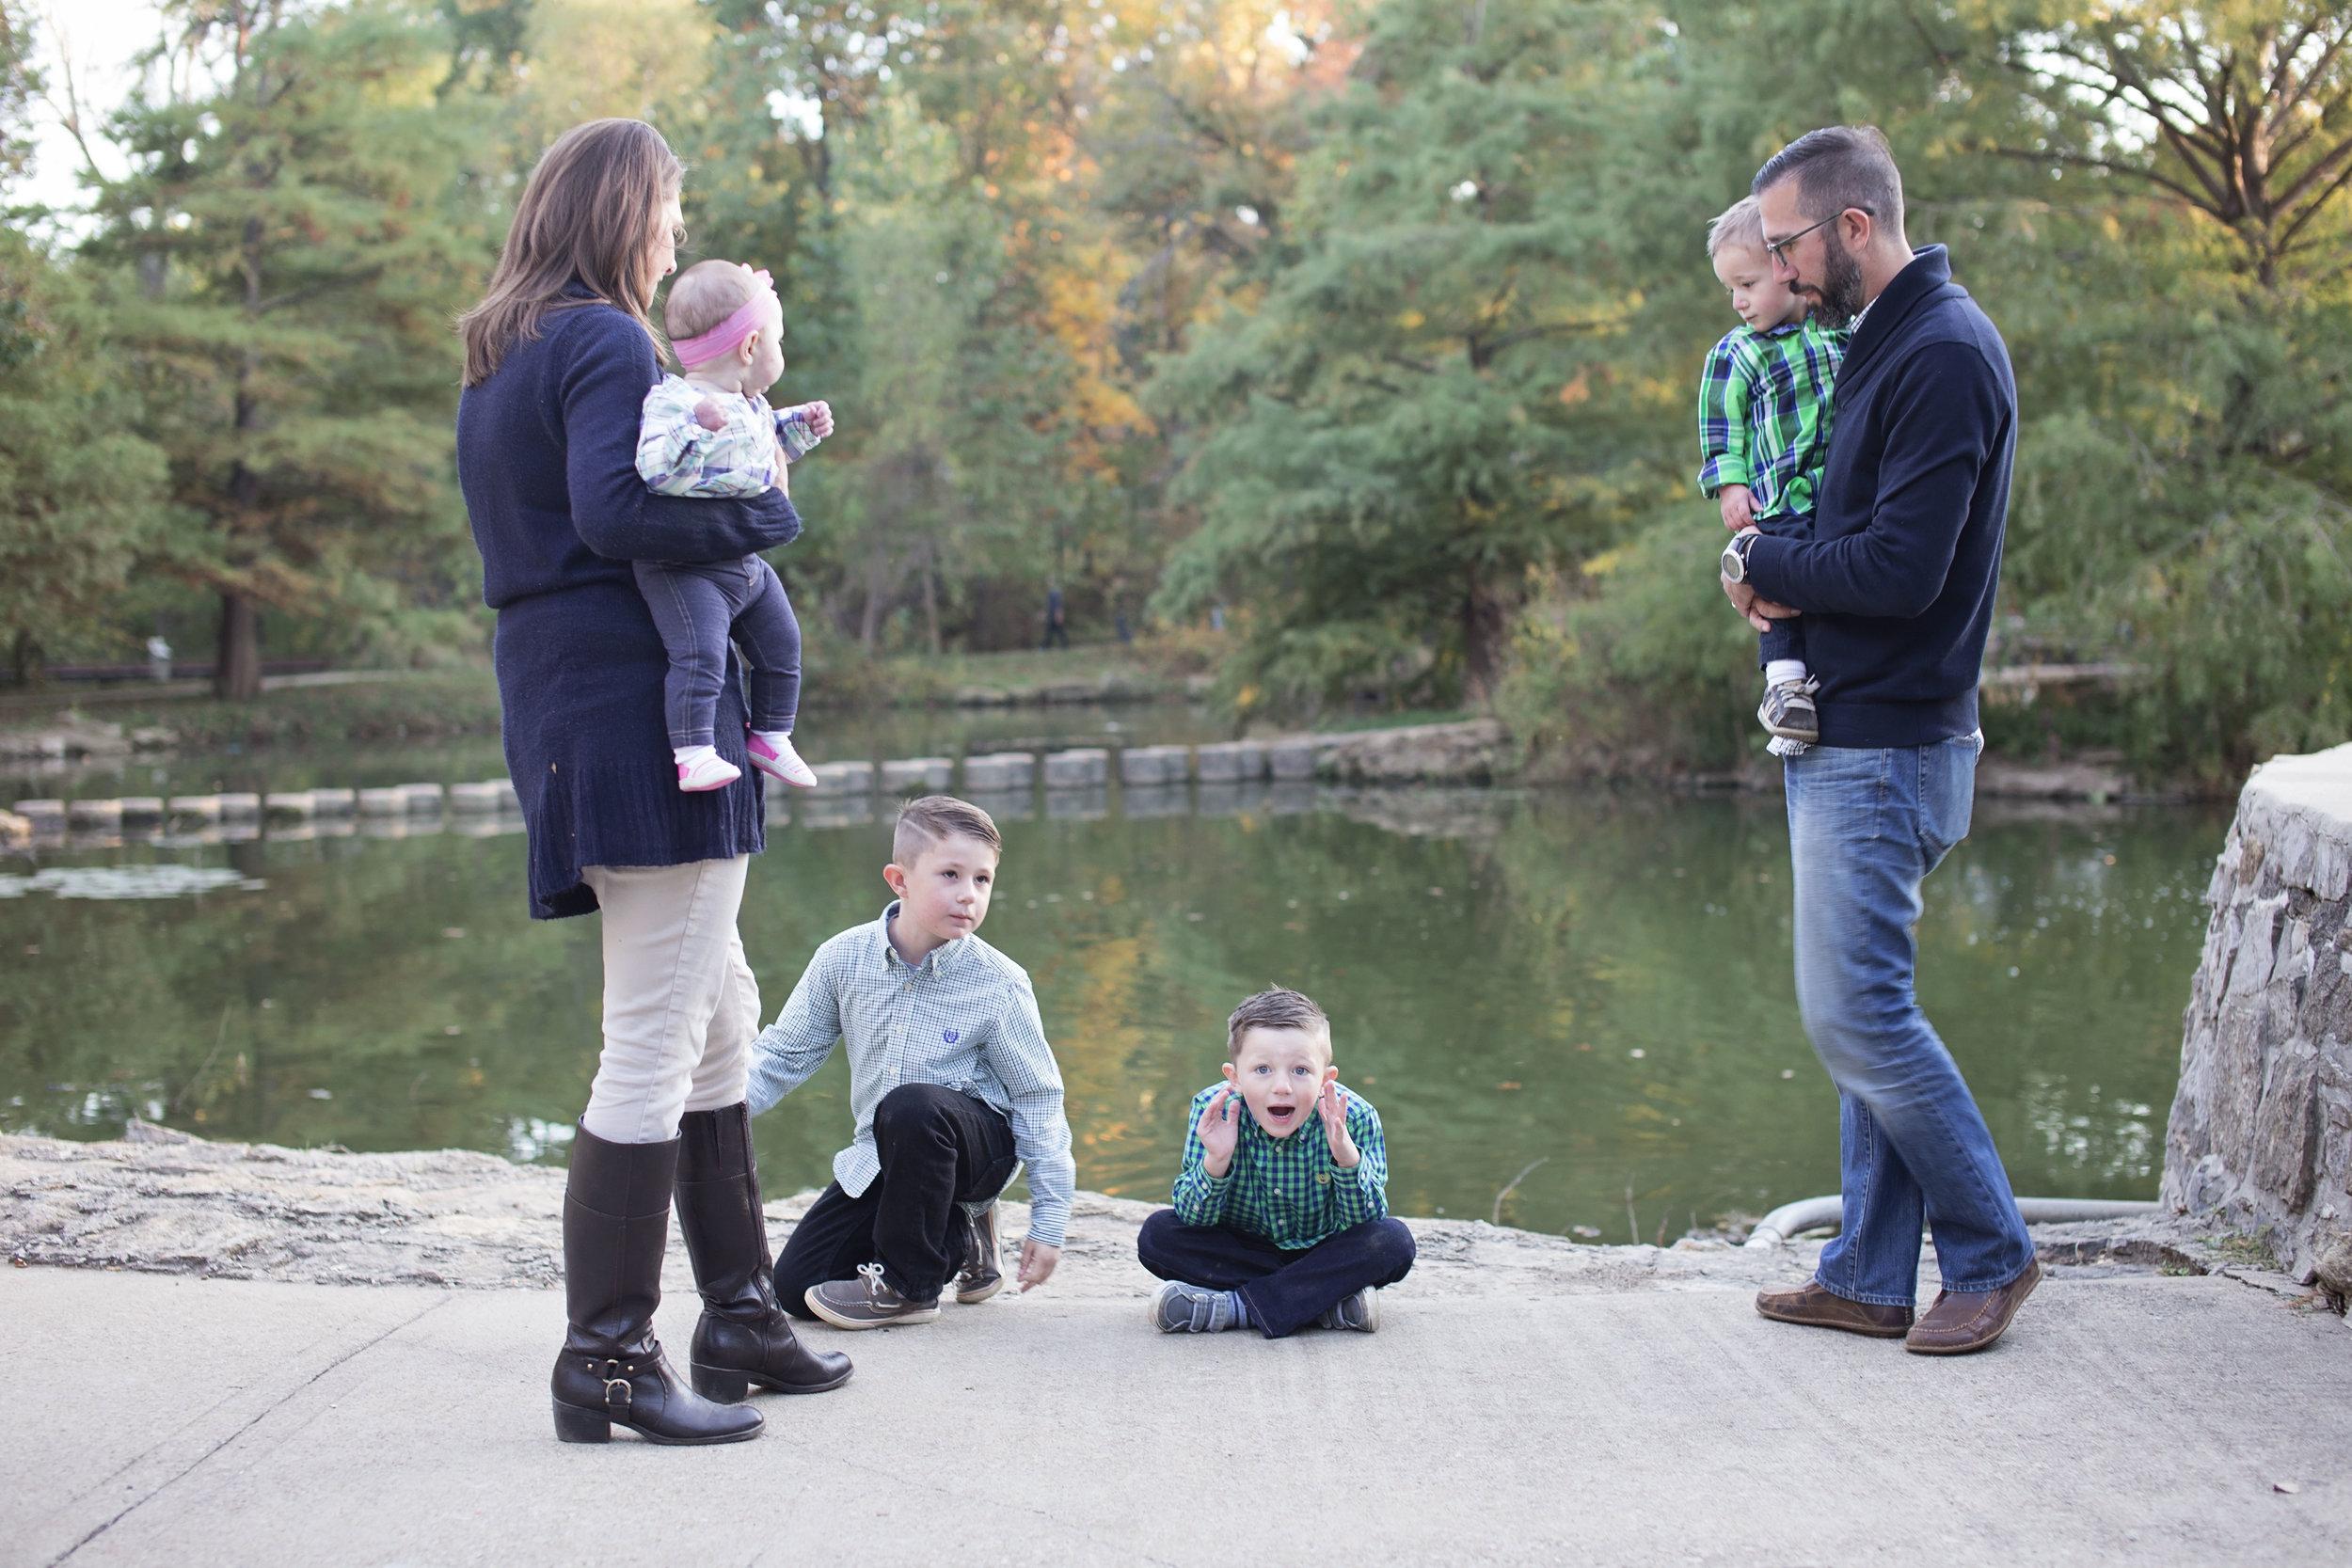 VanDalsam Family | Olathe, Kansas